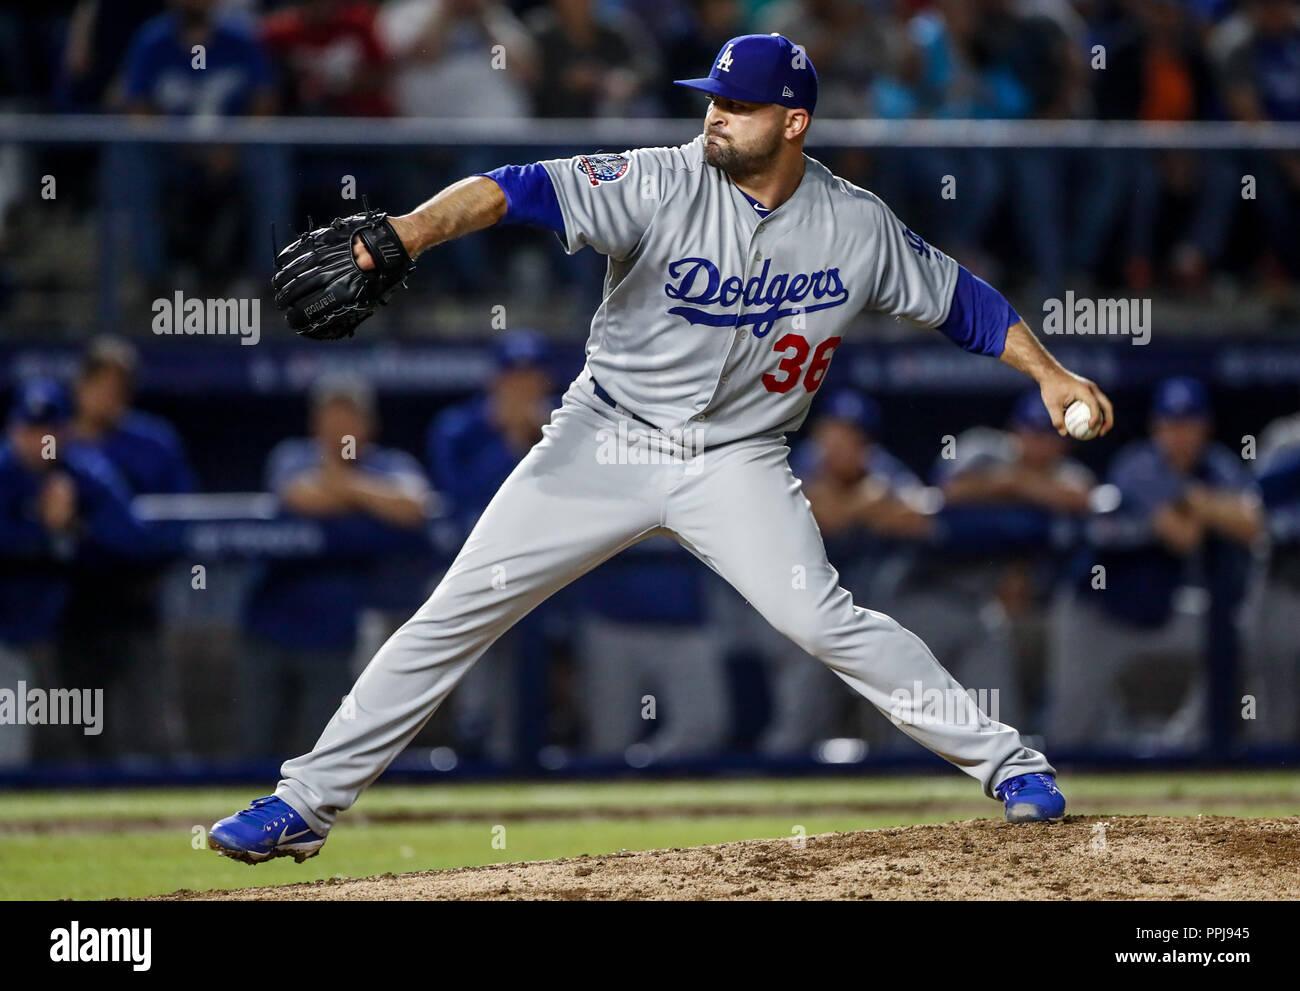 Adam Liberatore pither de los dodgers se lleva el salvamento, durante el partido de beisbol de los Dodgers de Los Angeles contra Padres de San Diego,  - Stock Image